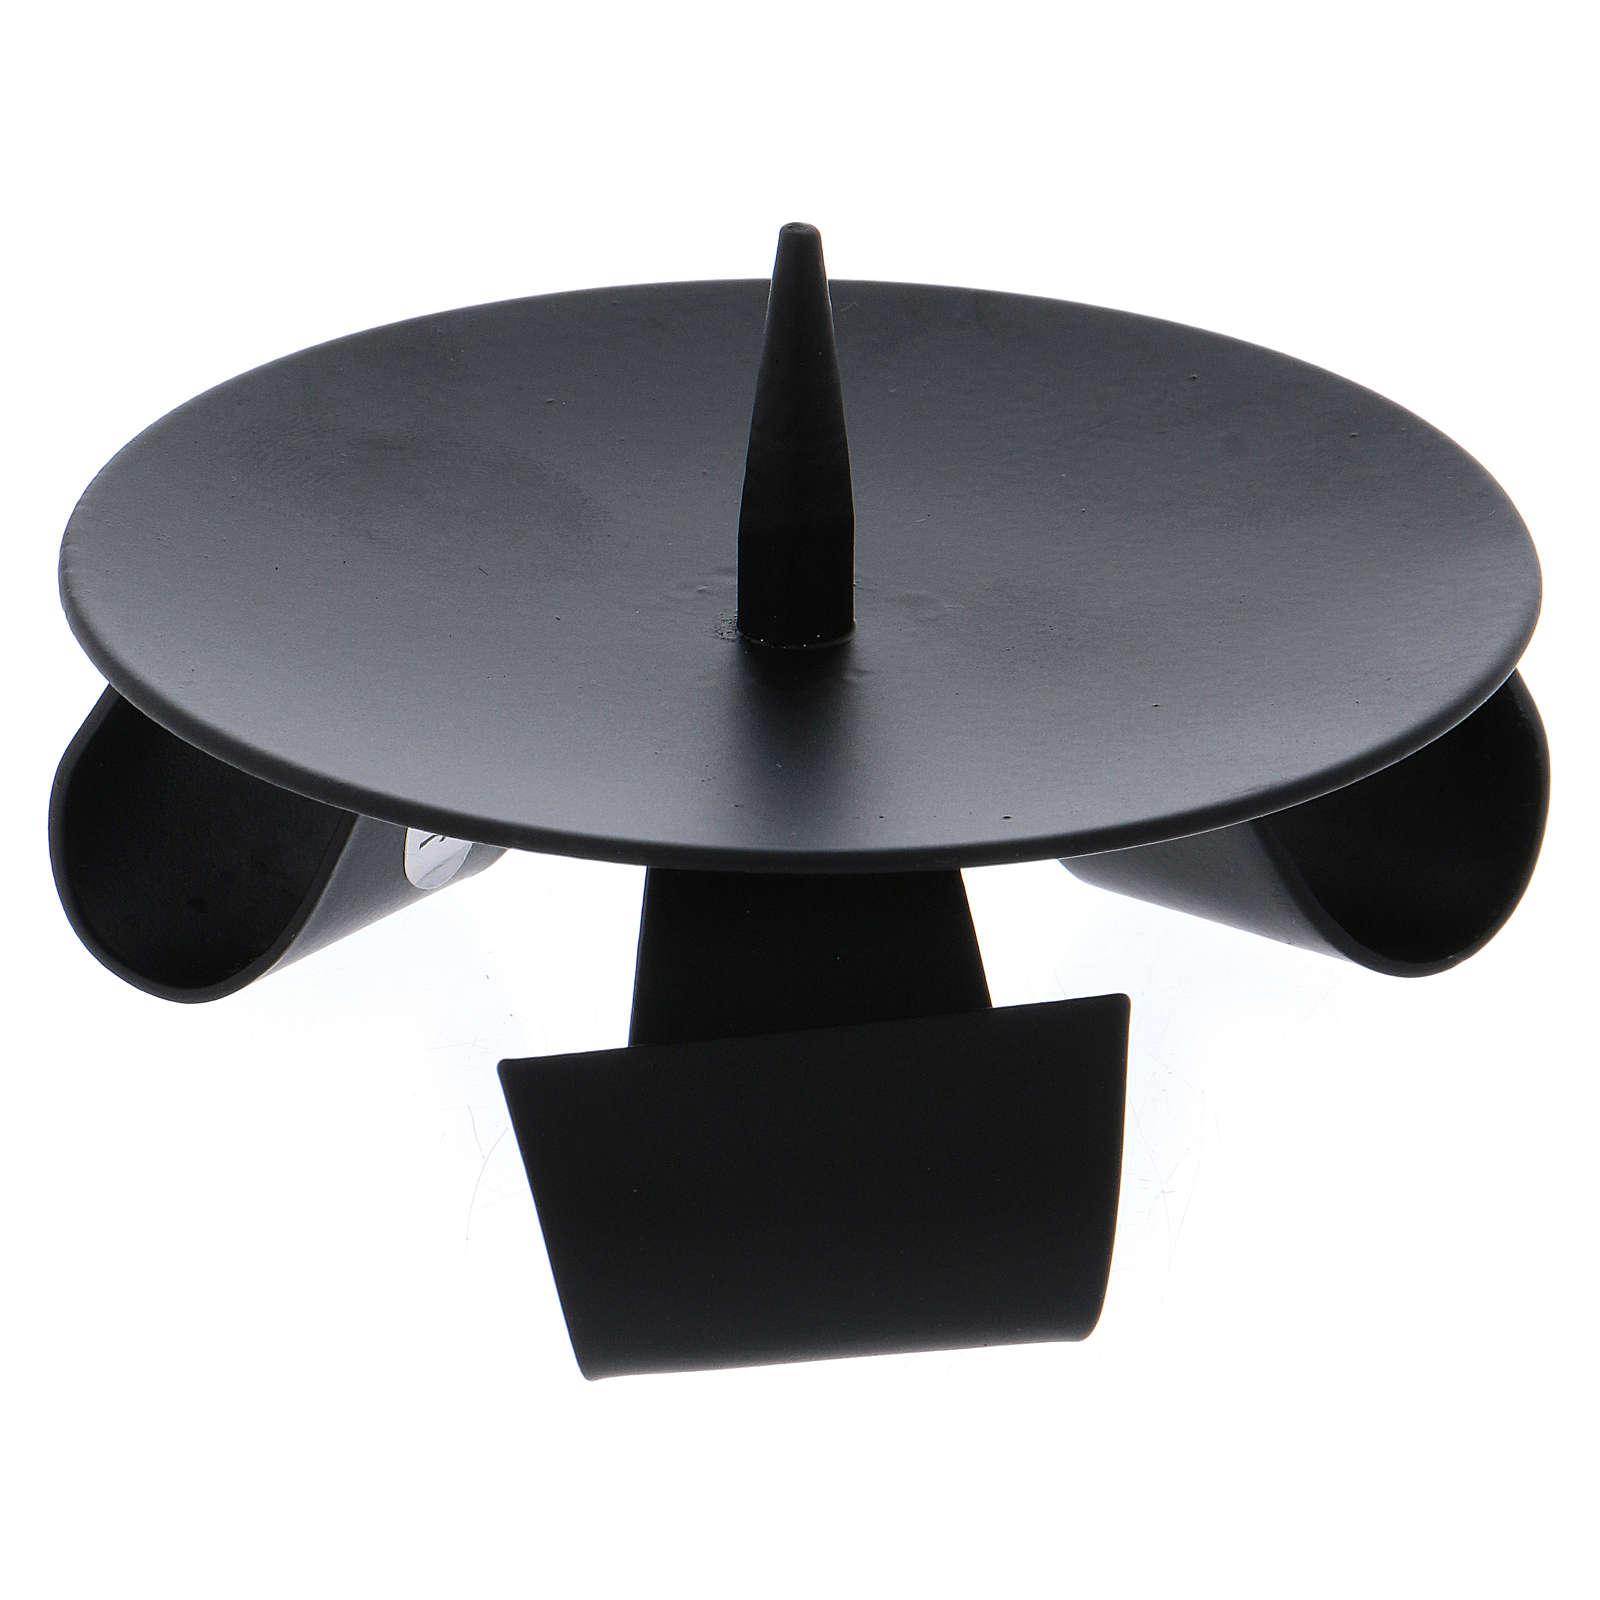 Portacandele 3 piedi stile moderno con punzone ferro nero 3